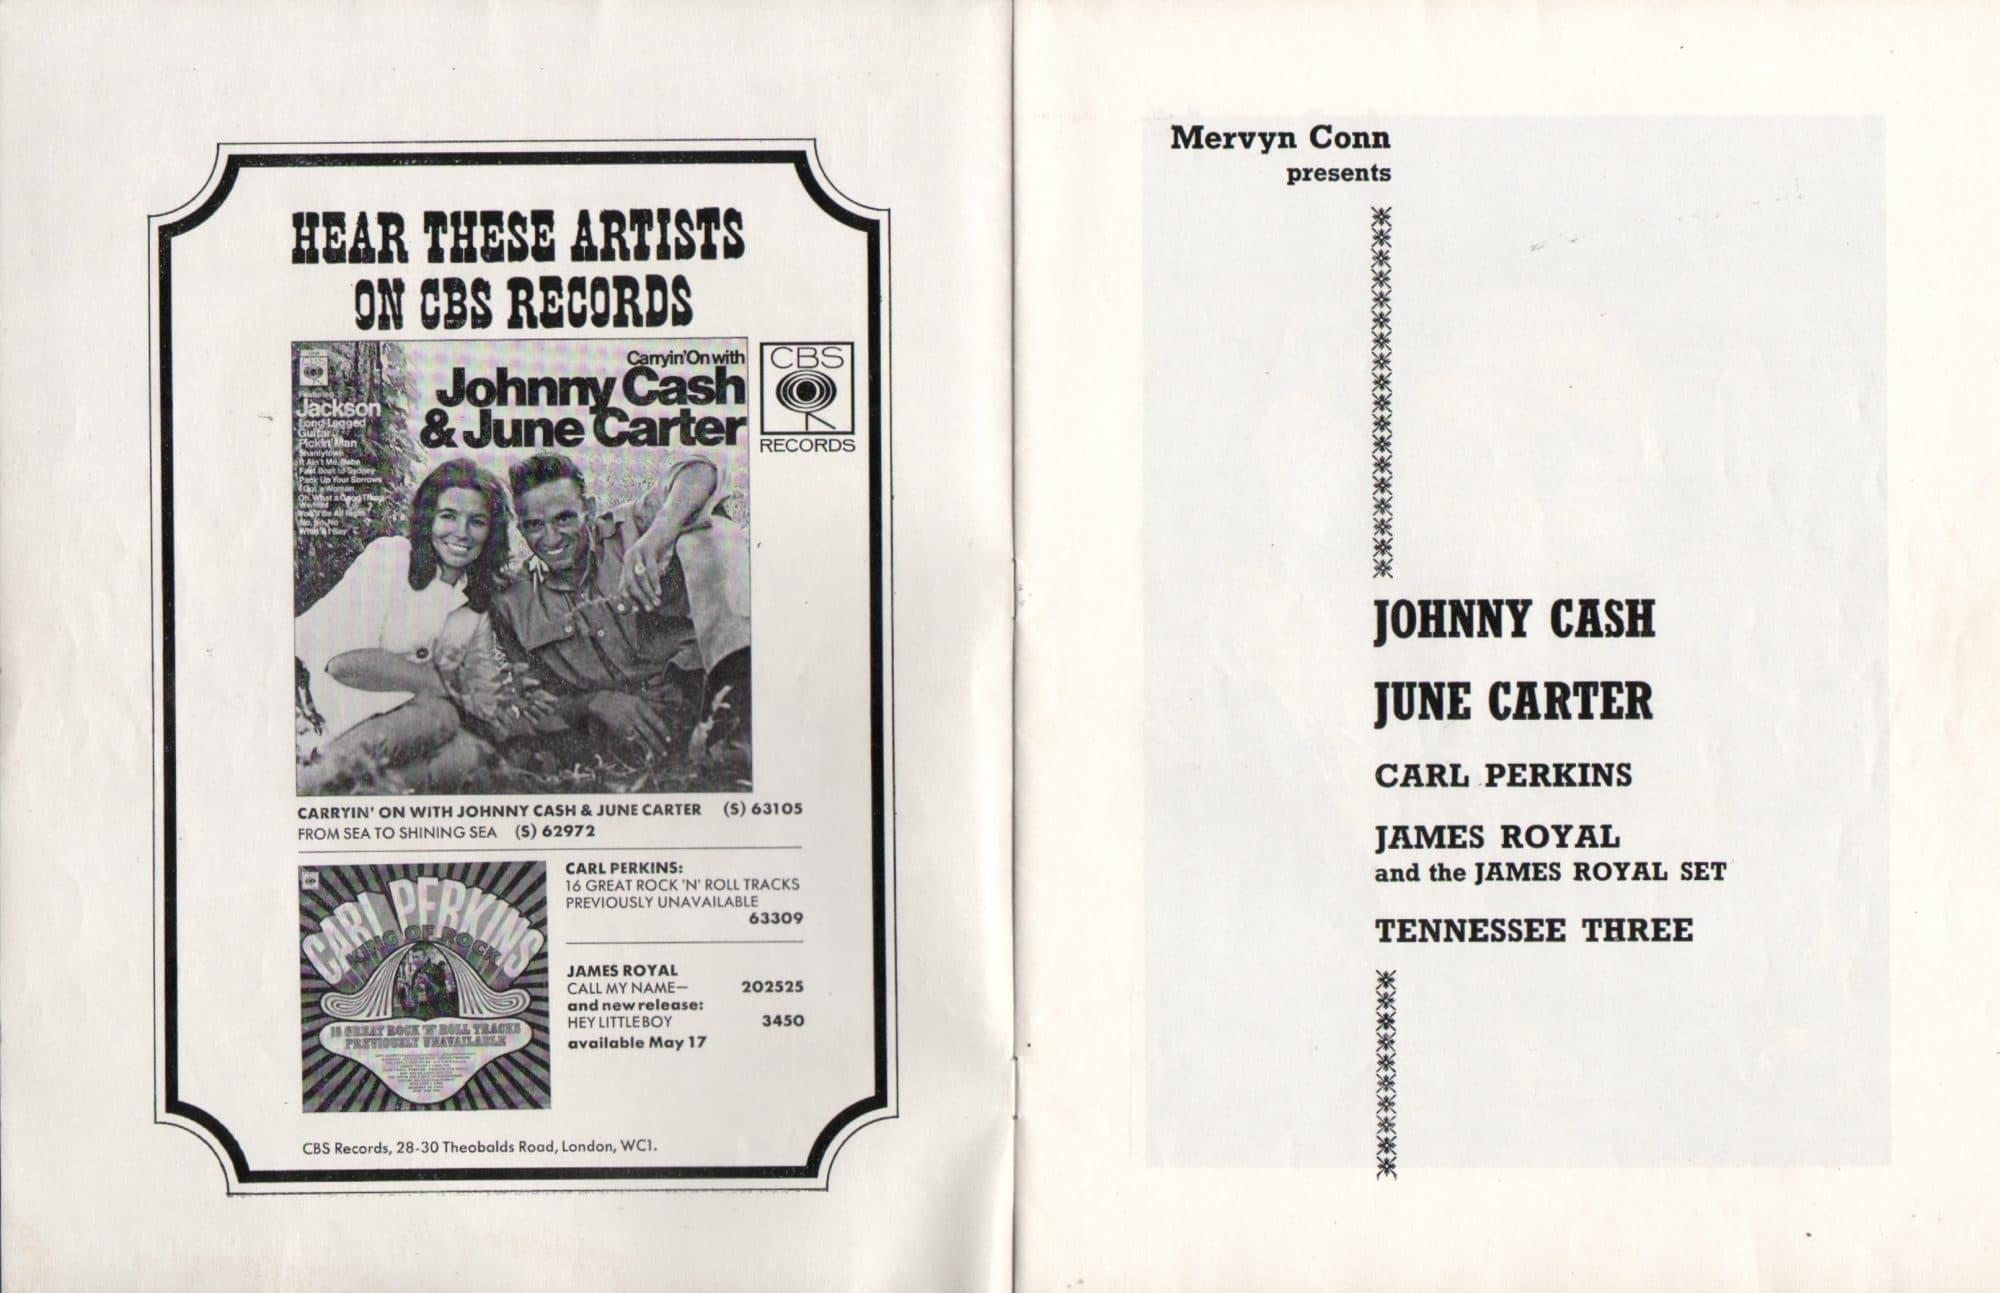 johnny cash 1968 uk tour program signed by cash june carter carl perkins. Black Bedroom Furniture Sets. Home Design Ideas